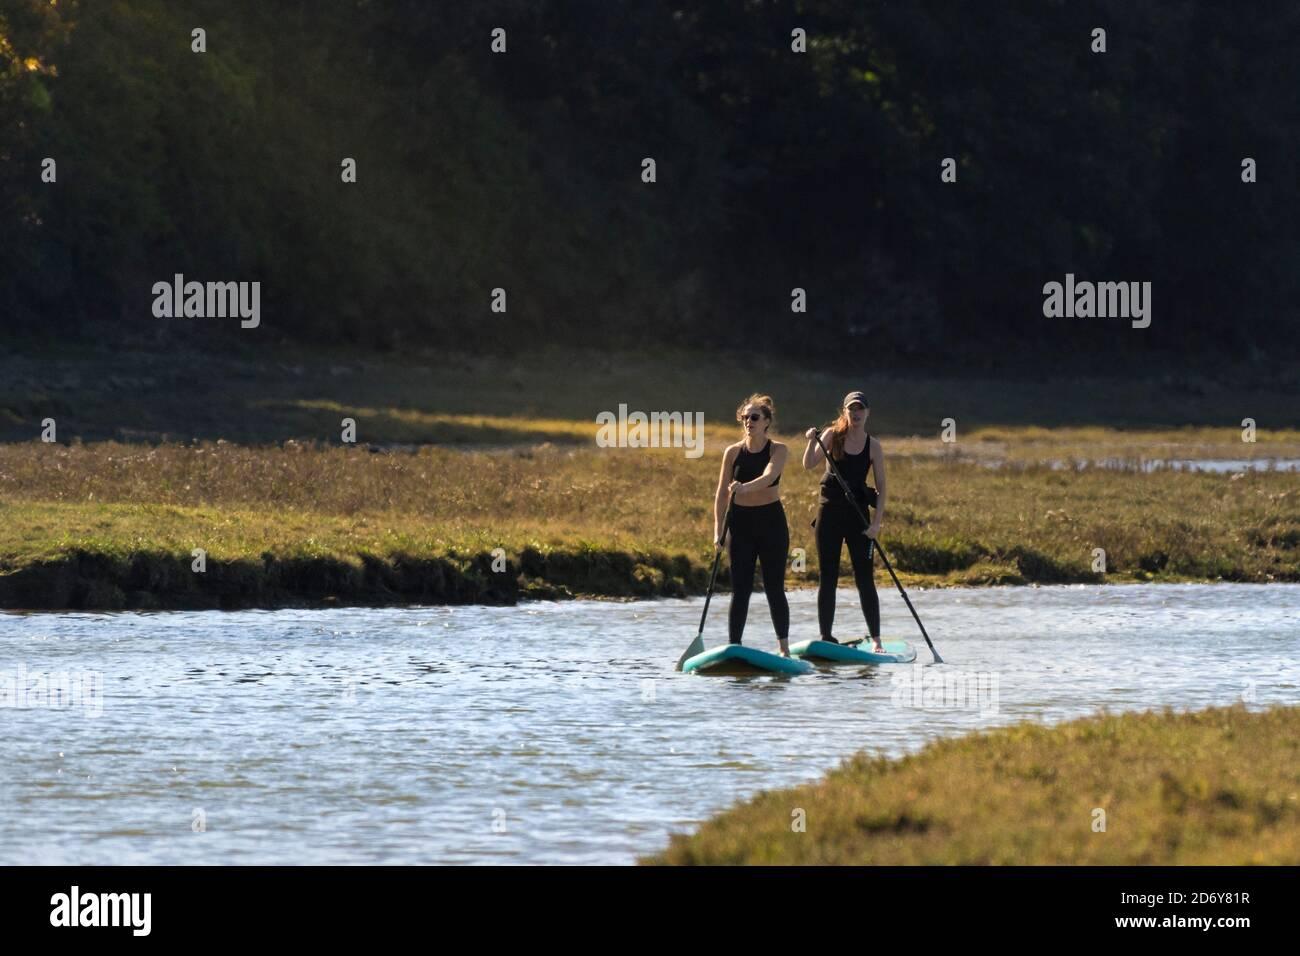 Deux femmes de vacances sur les paddleboards Stand Up paddle long de la rivière Gannel dans la lumière du début de soirée à Newquay, dans les Cornouailles. Banque D'Images